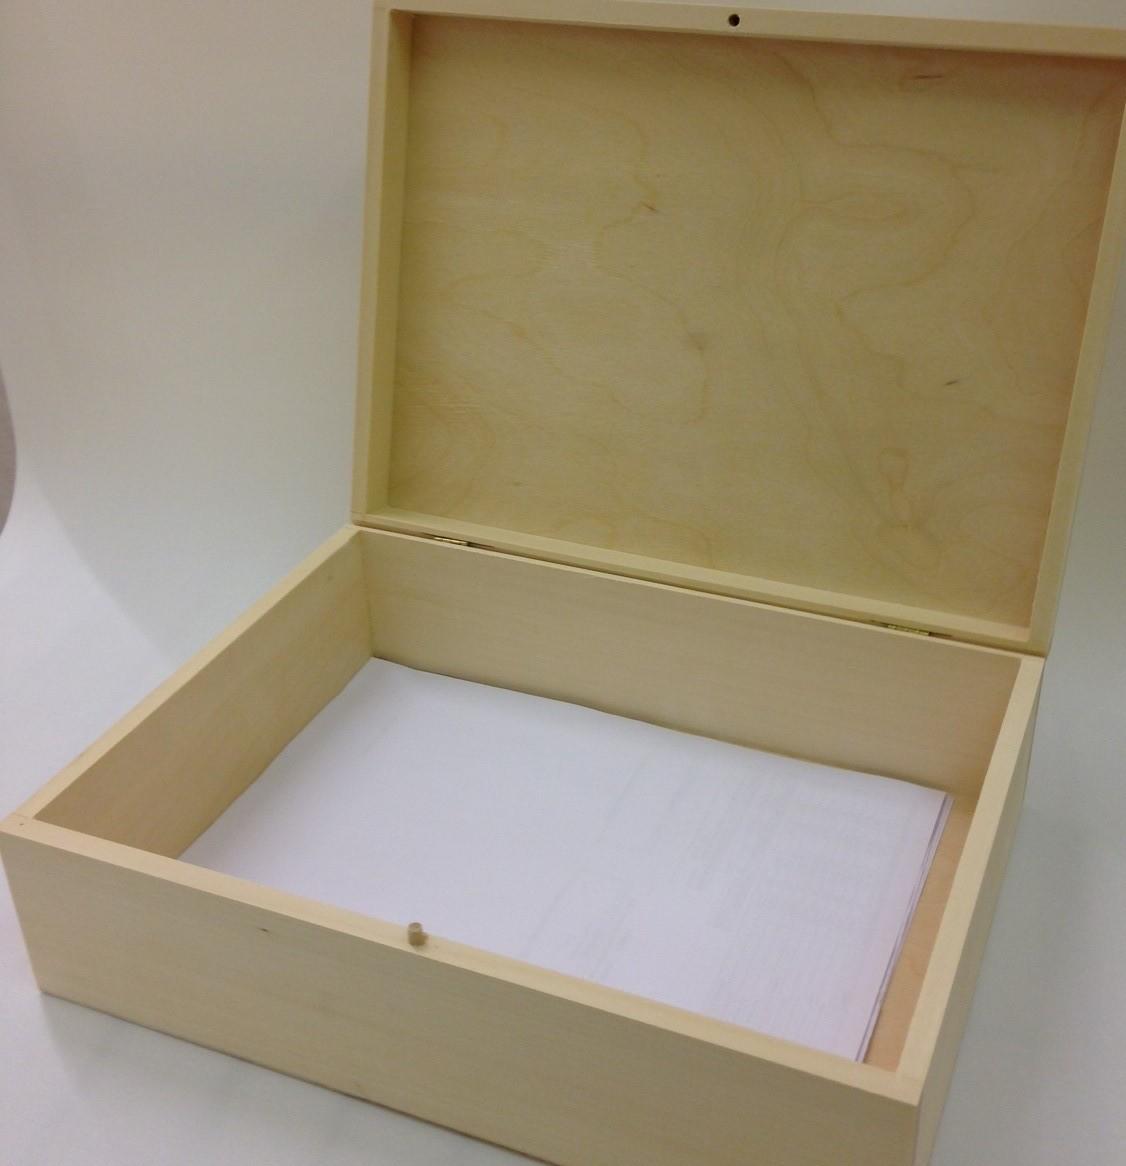 Unpainted Natural Wooden Box Souvenir A Size Memory Box Magazine Documents Storage Case Me